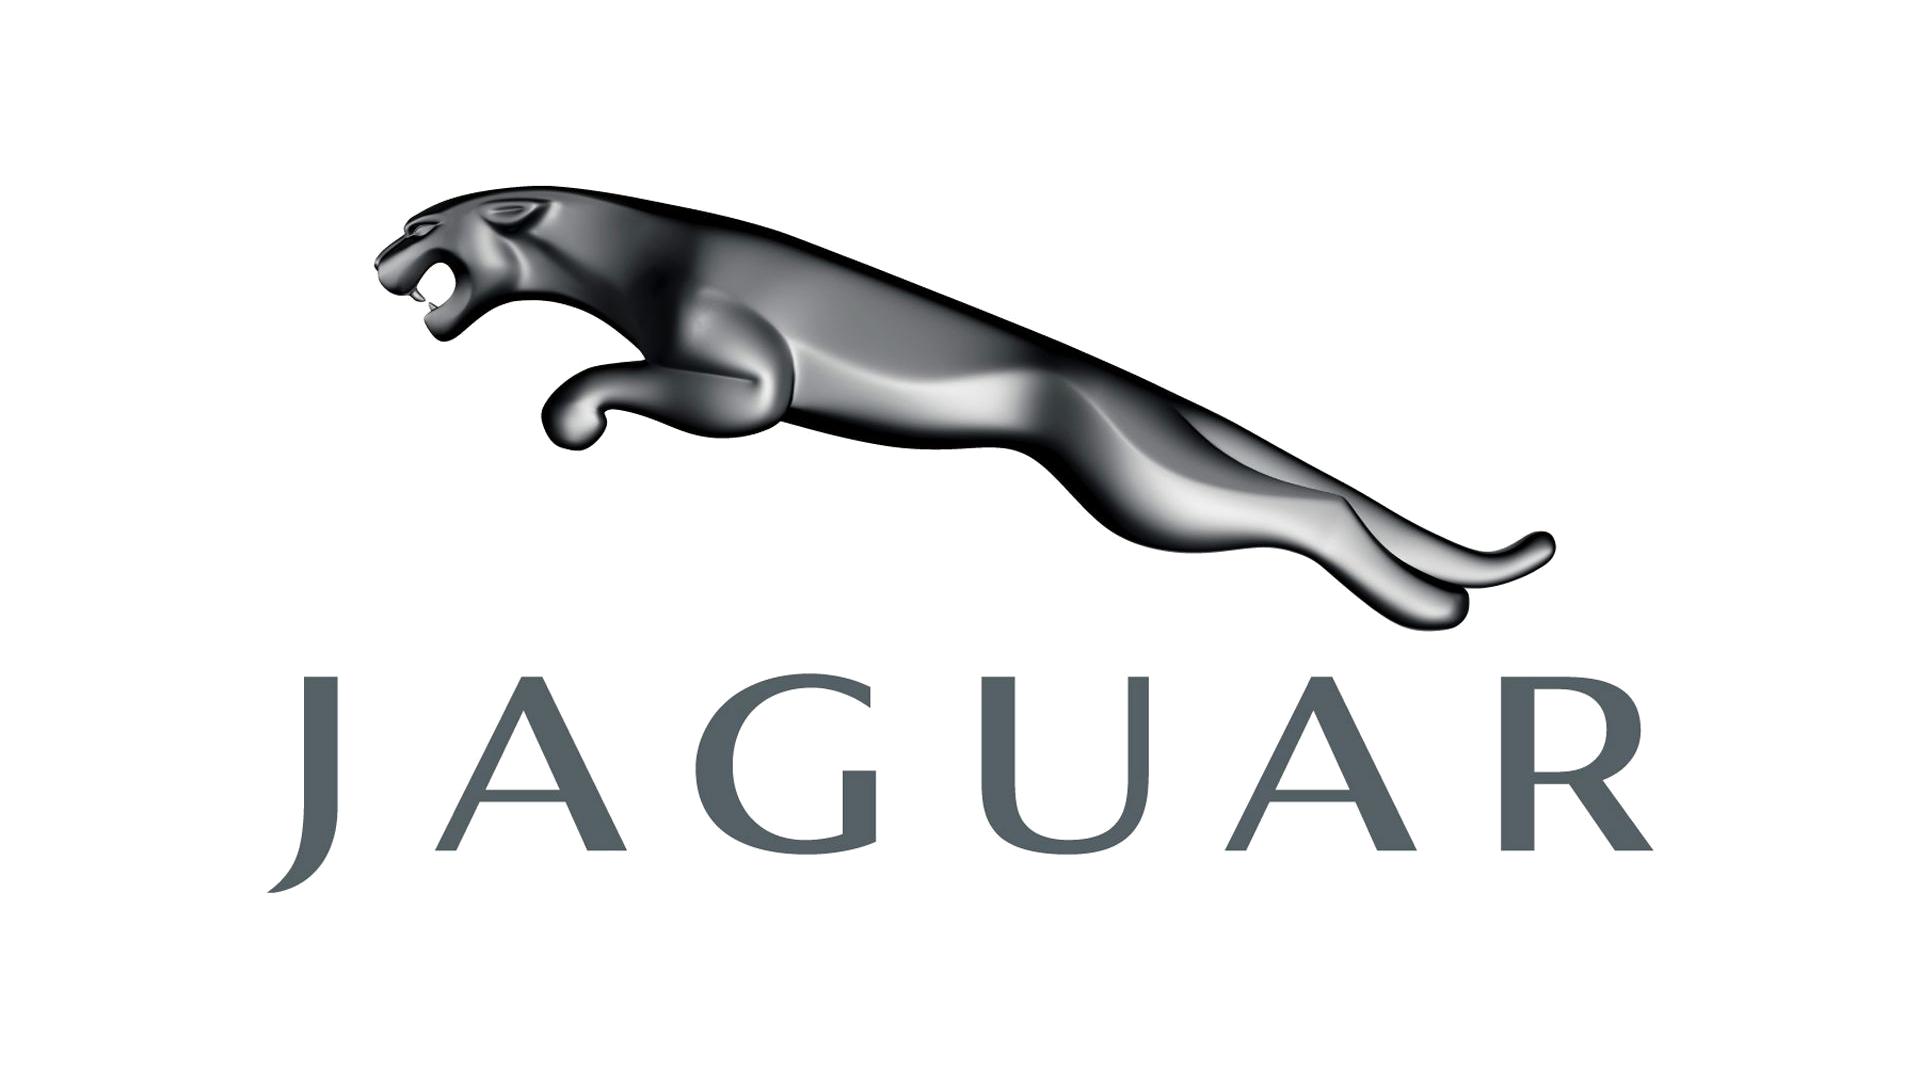 Jaguar-emblem-1920x1080